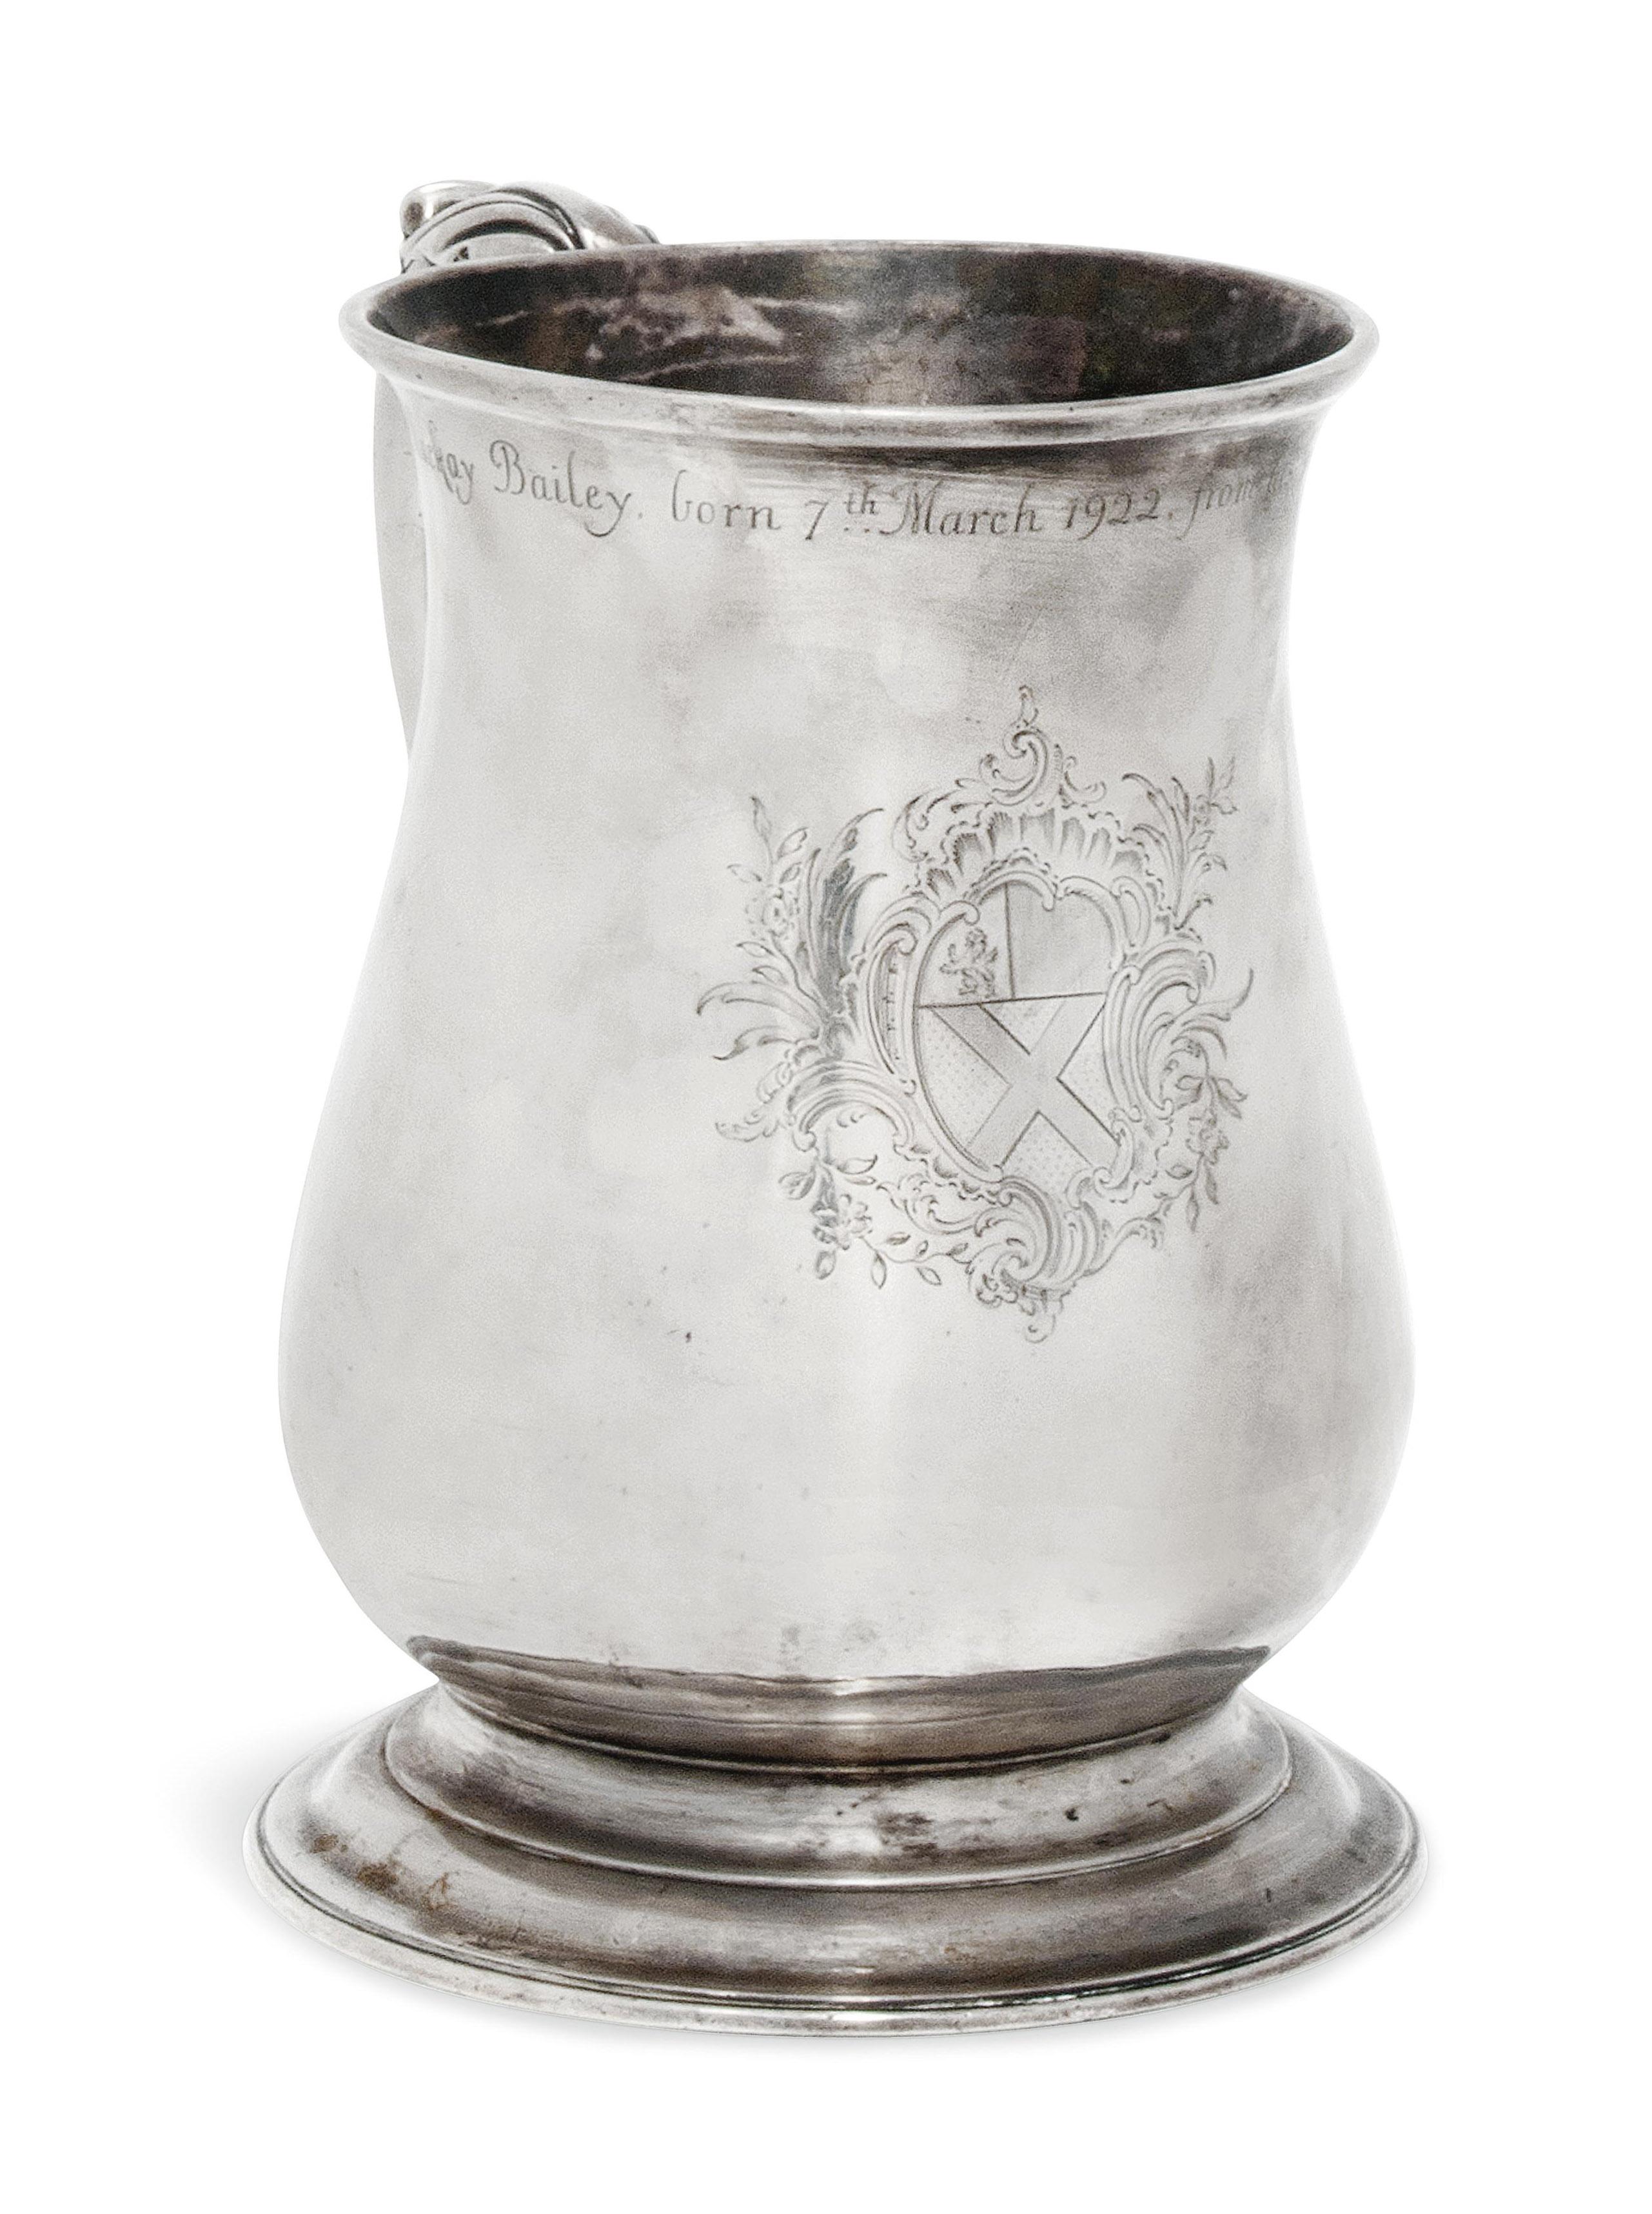 A GEORGE II SILVER PINT MUG